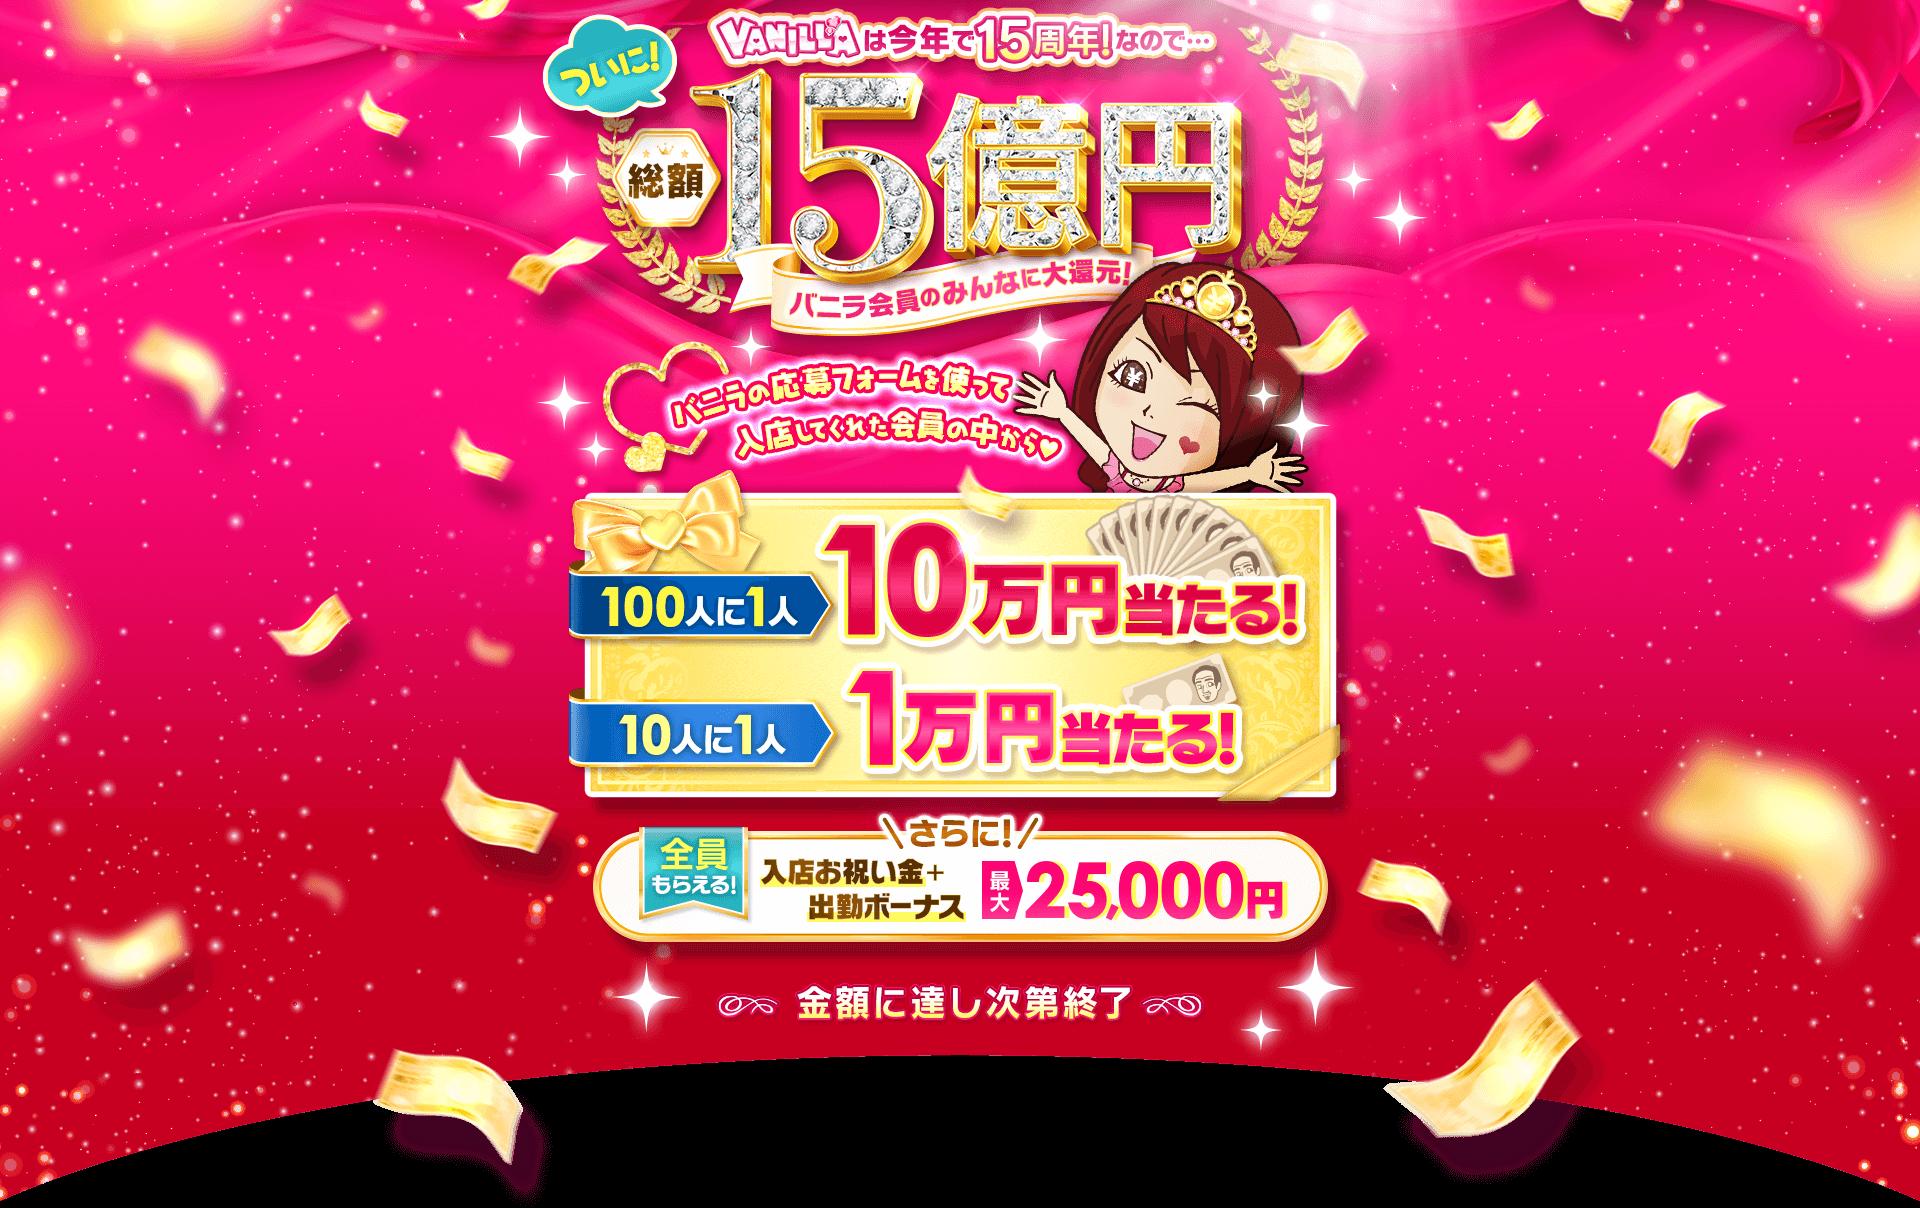 総額1億円!バニラ会員限定体験入店キャンペーン